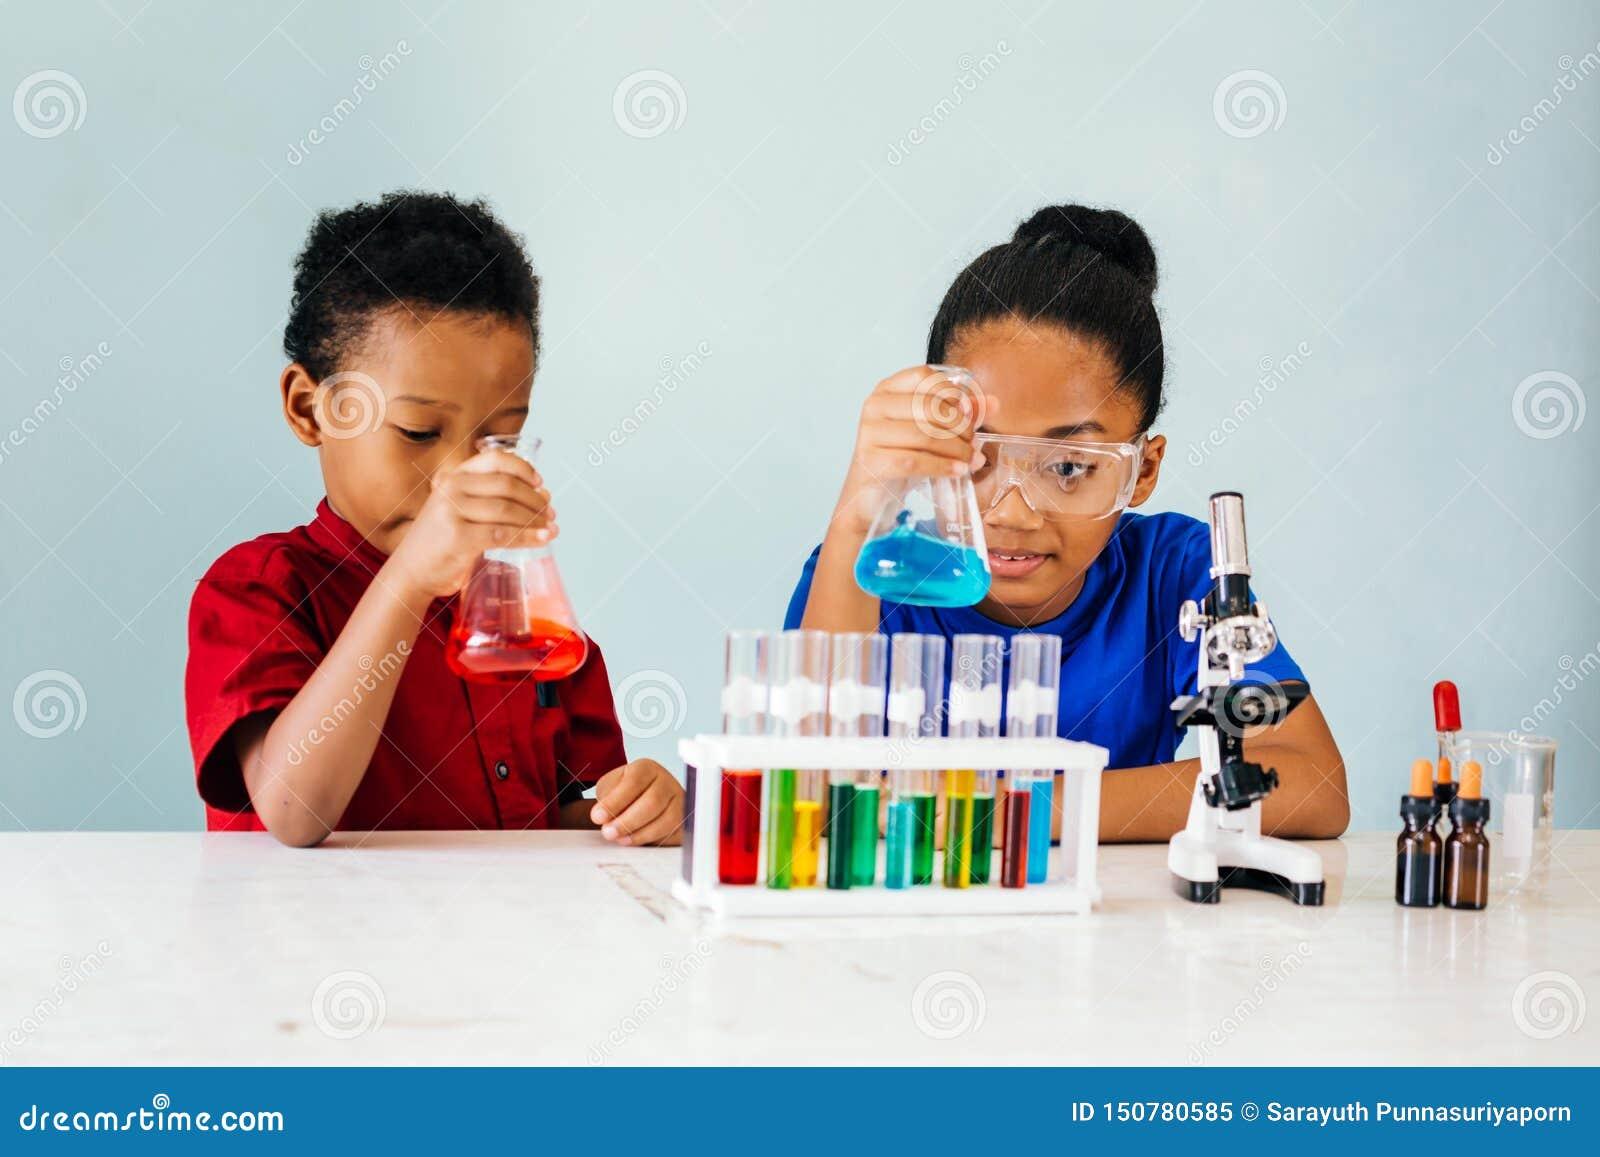 试验在学校化学实验室的好奇黑人孩子